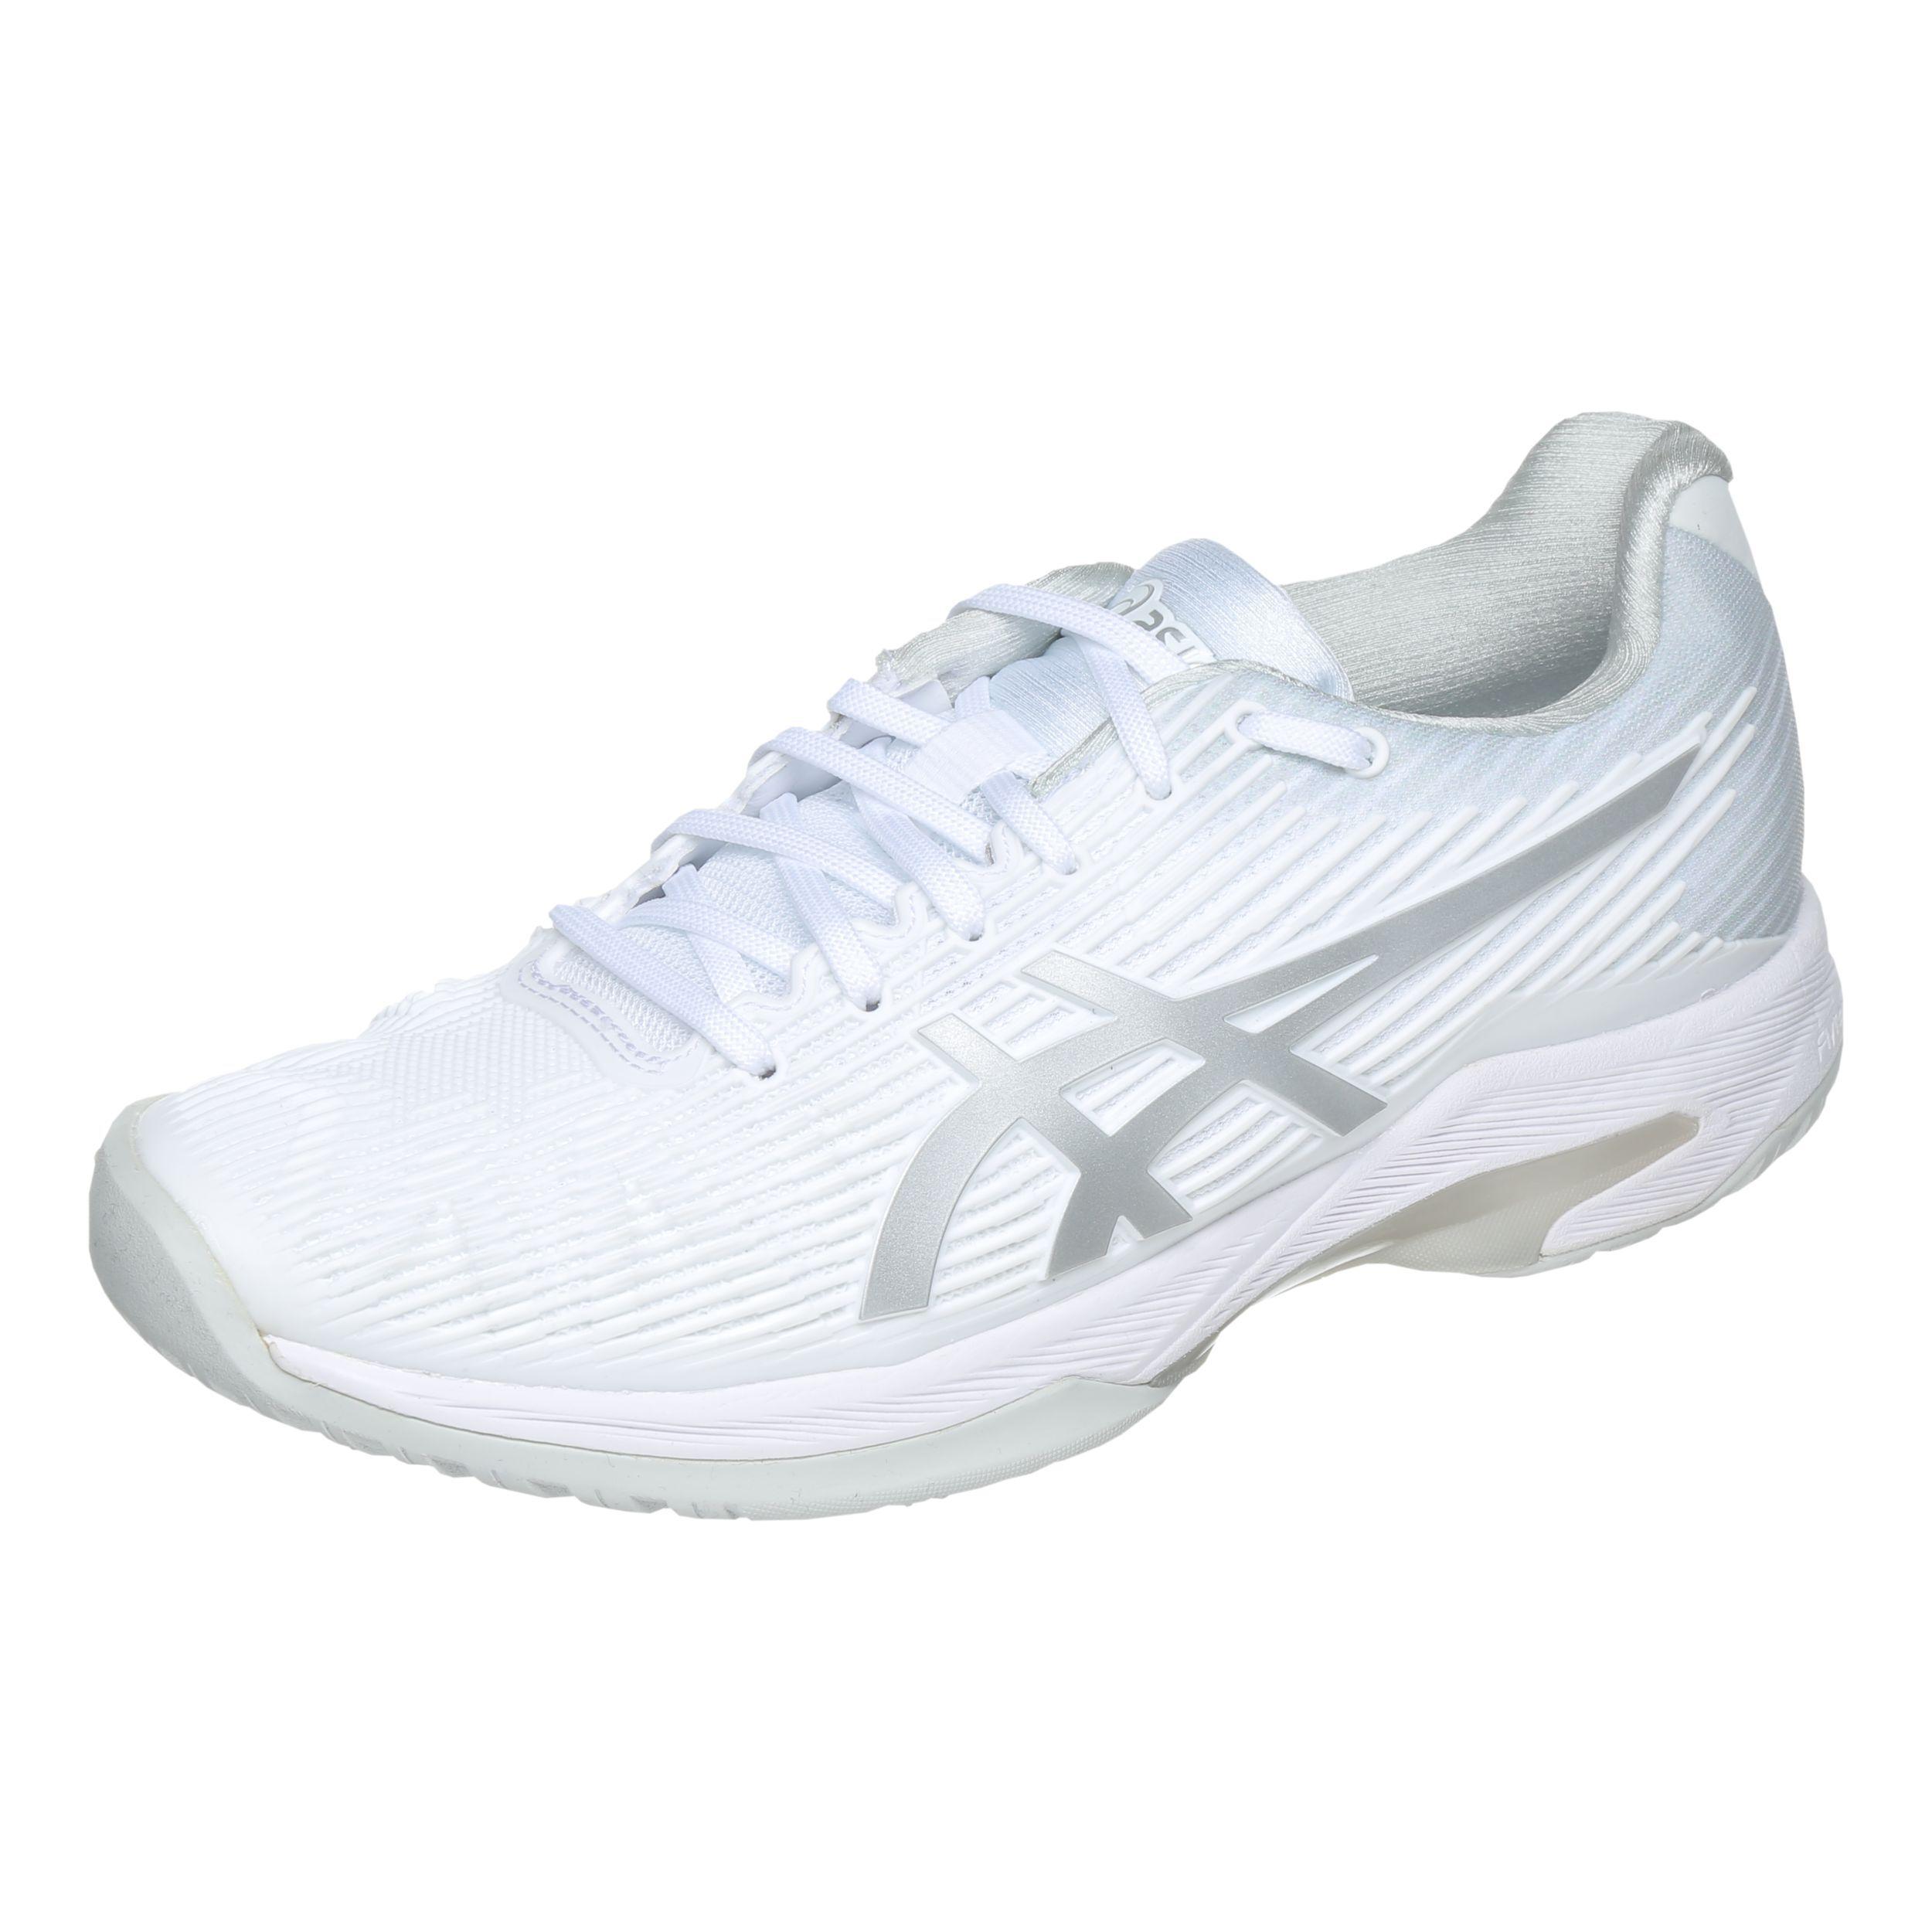 Asics Solution Speed FF Chaussure Tout Terrain Femmes Blanc , Gris Clair